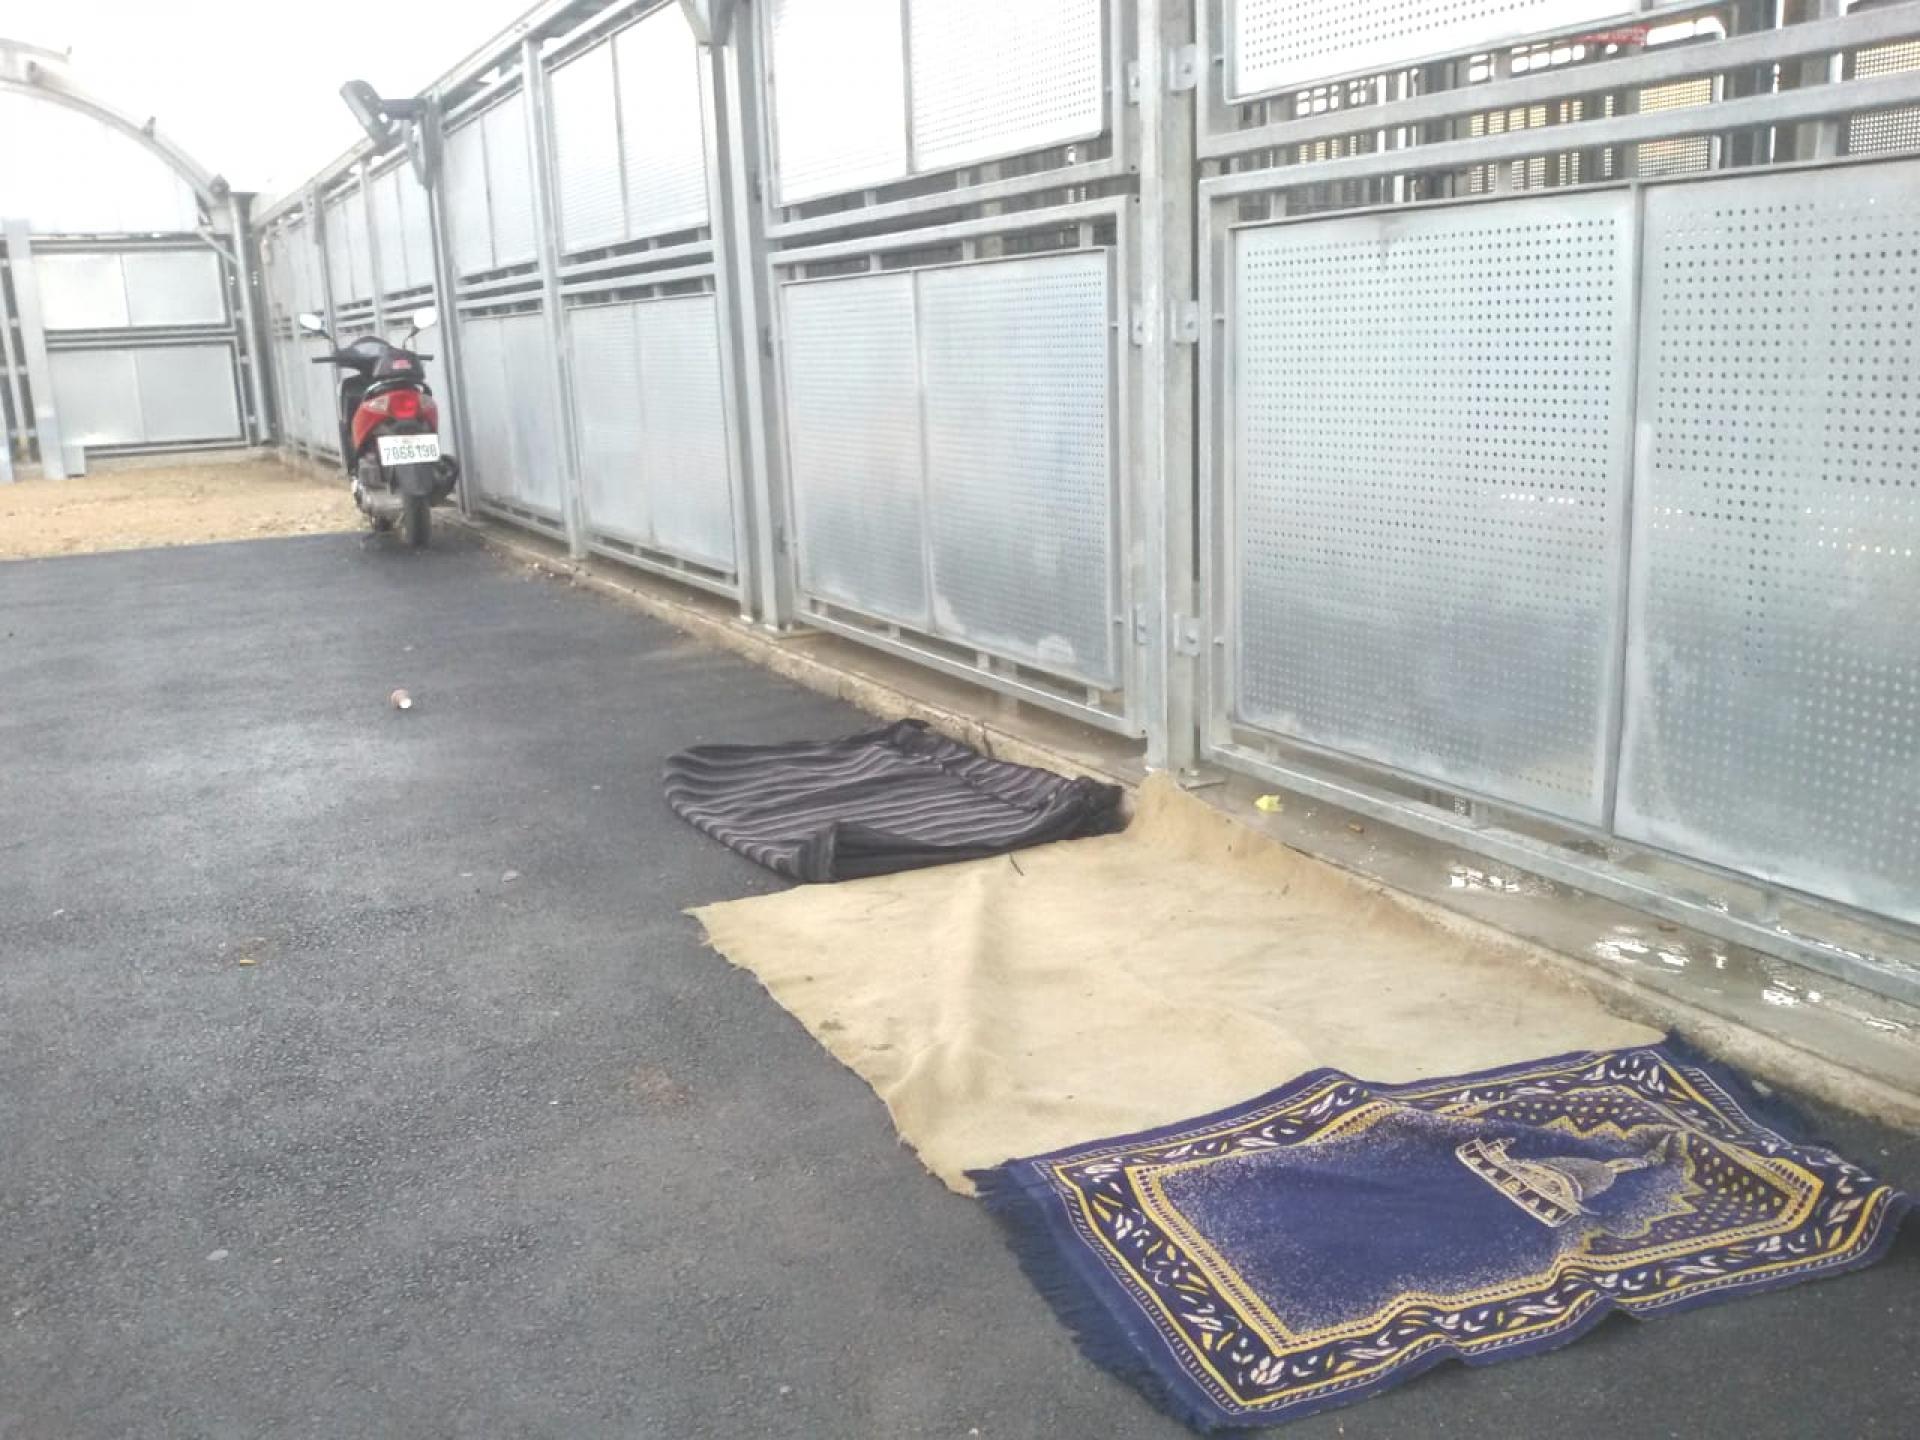 פינת תפילה במחסום ברטעה